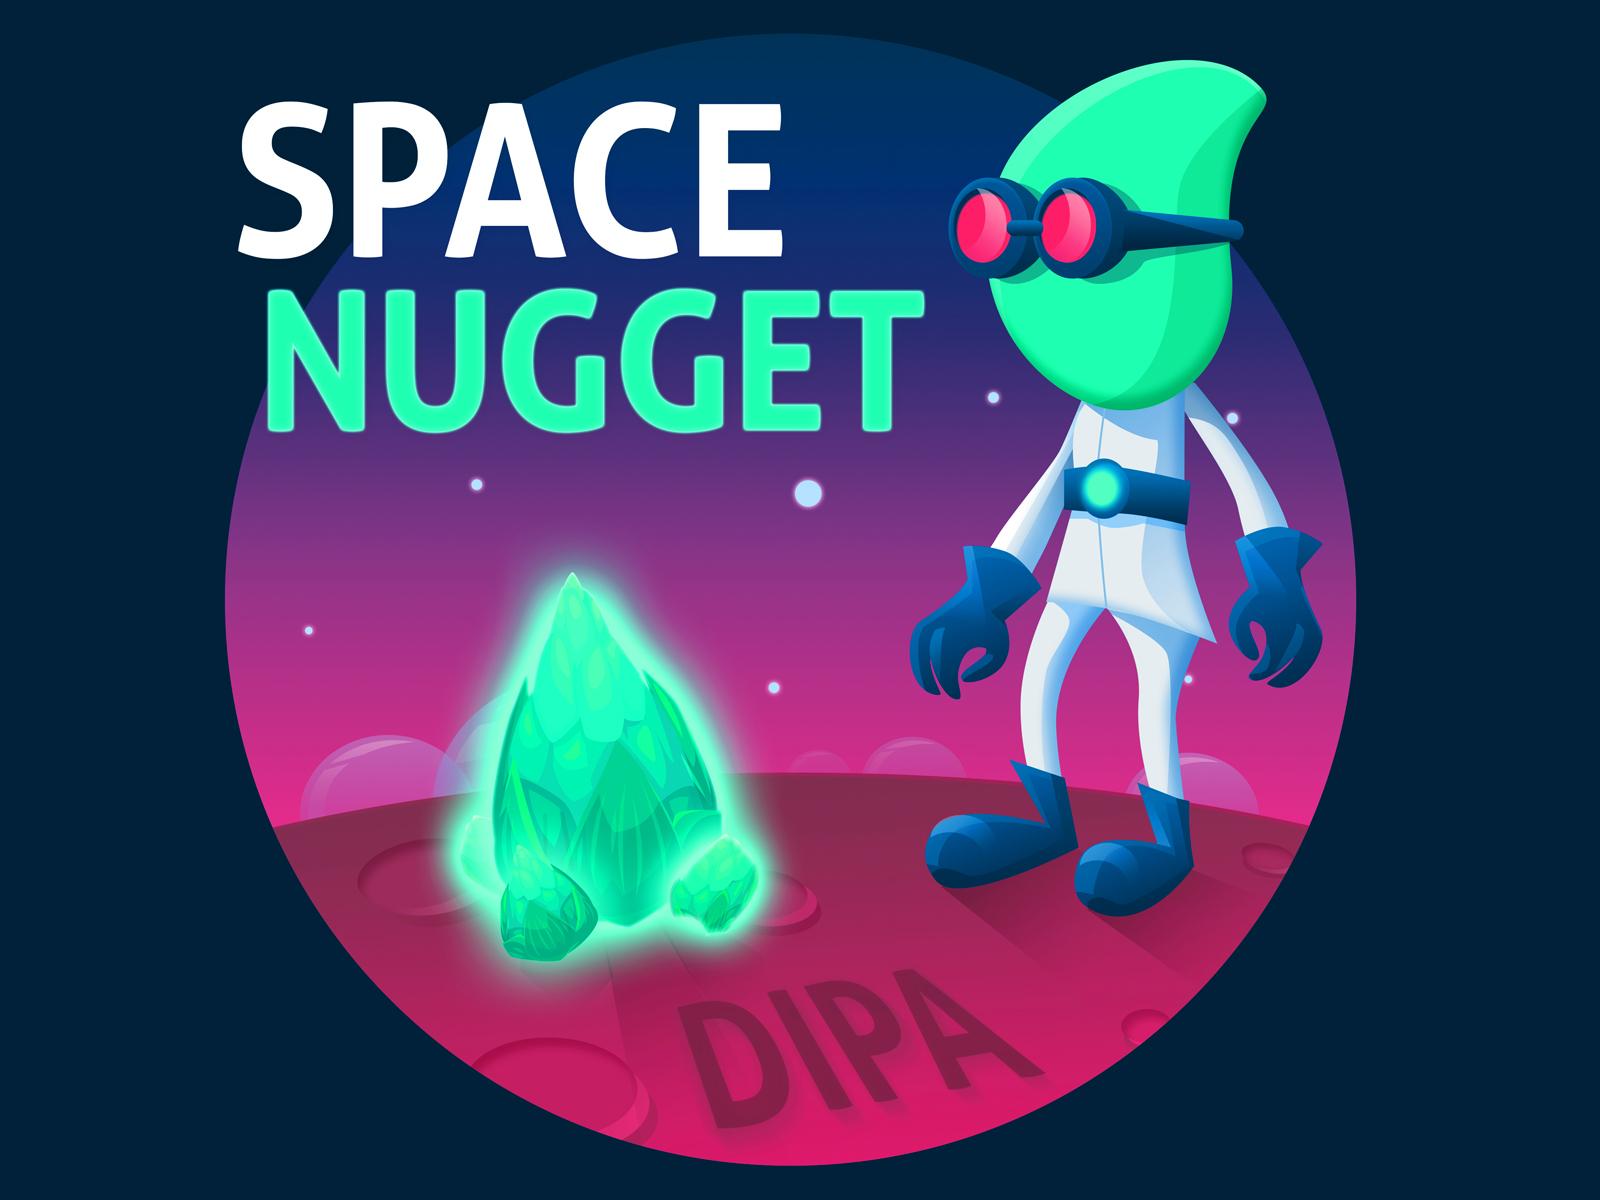 Spacenugget